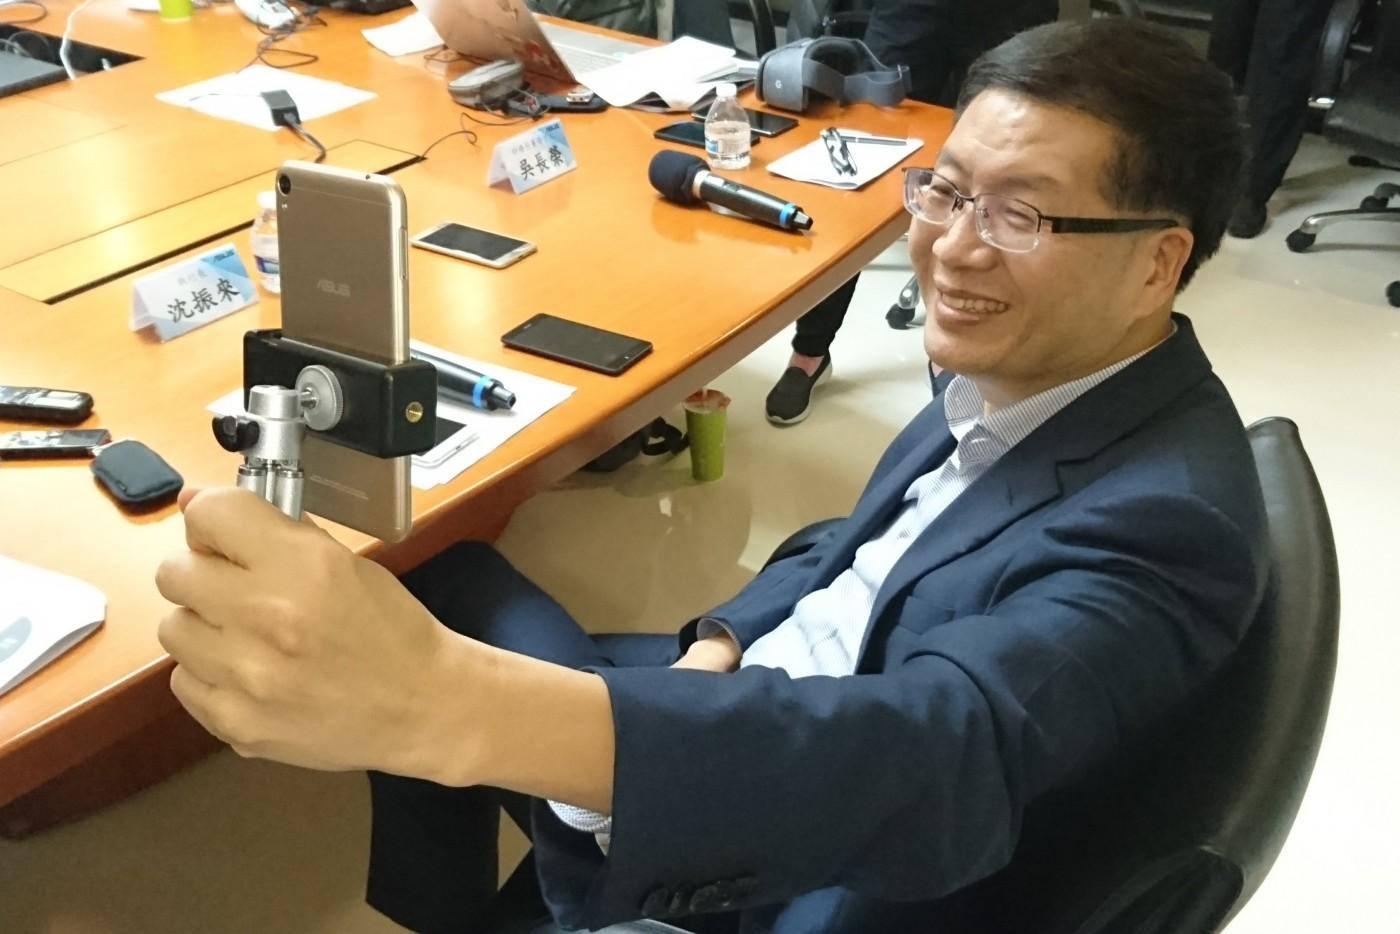 抓直播、VR、AR商機,華碩首季三新機盼補ZenFone 4延後上市不足,挑戰全年獲利